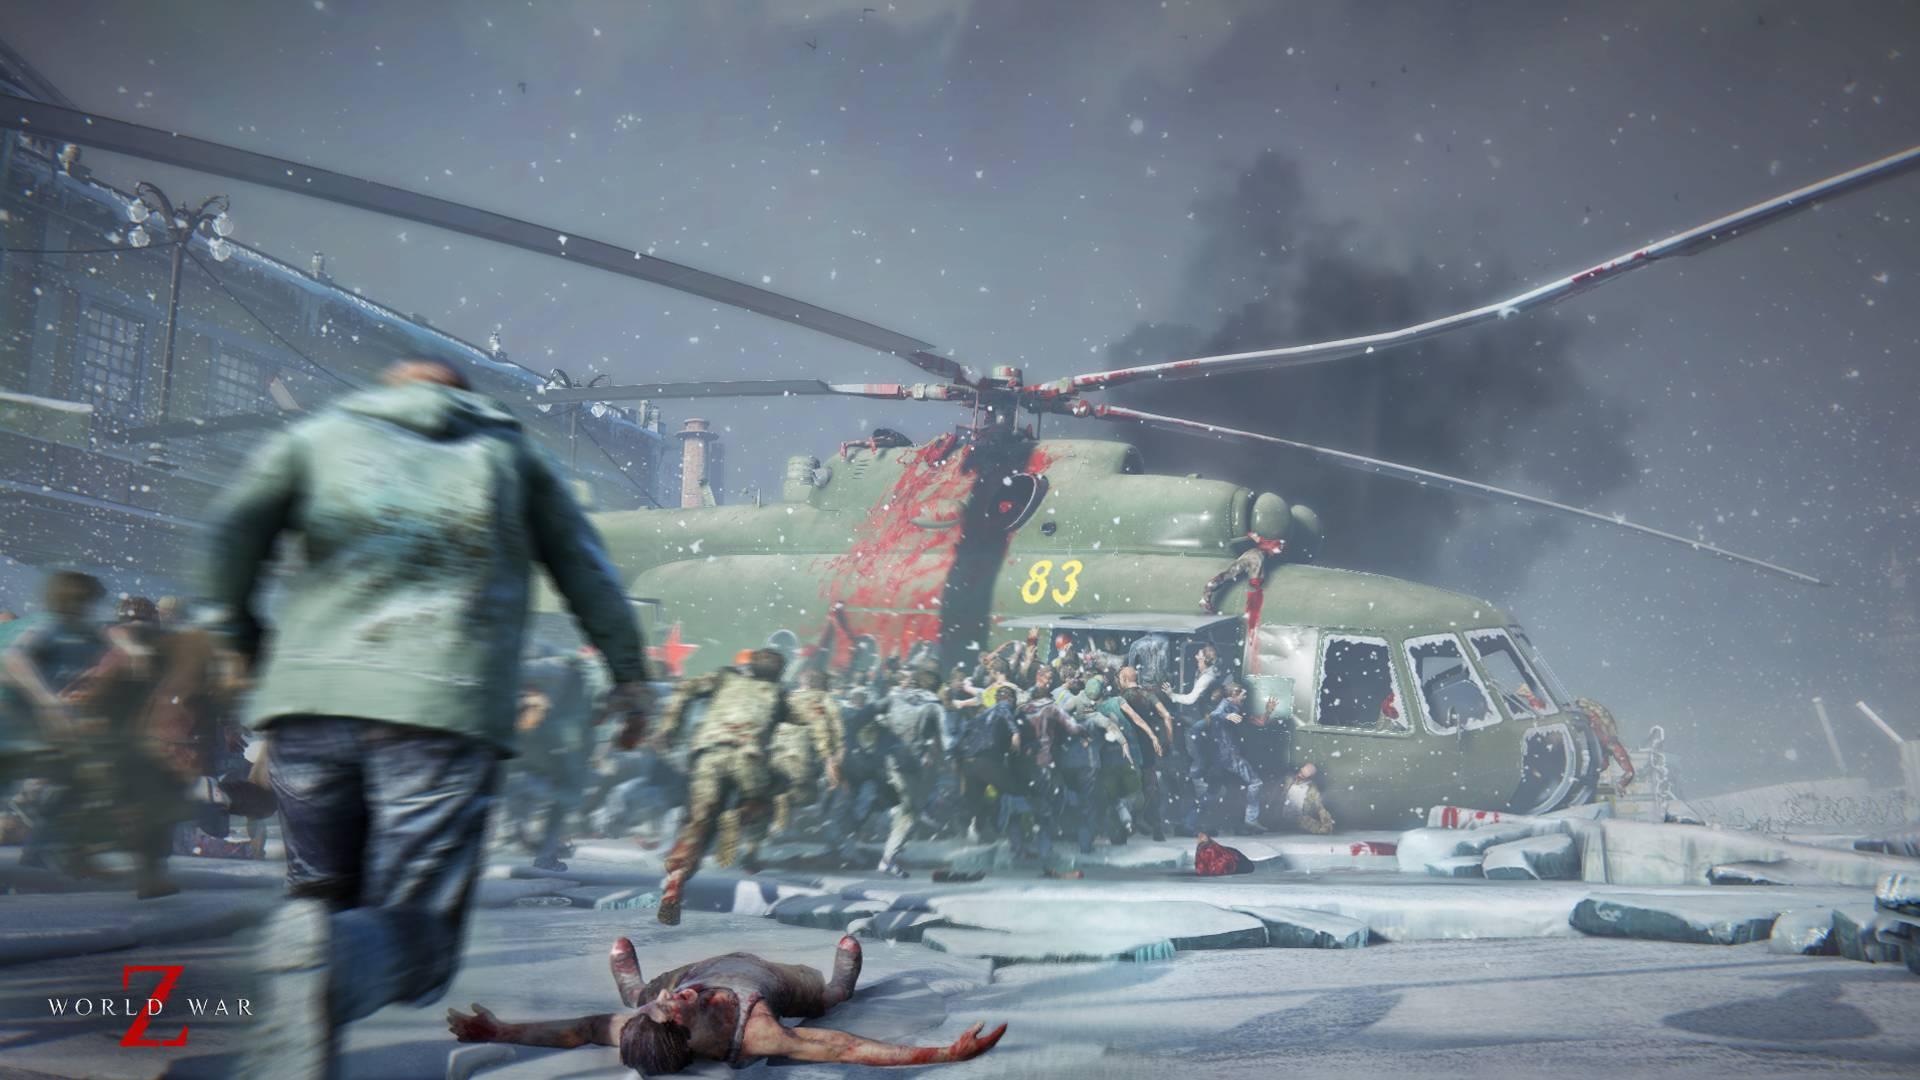 末日之戰Z, World War Z, WWZ, PS4, Xbox One, PC, GSE,